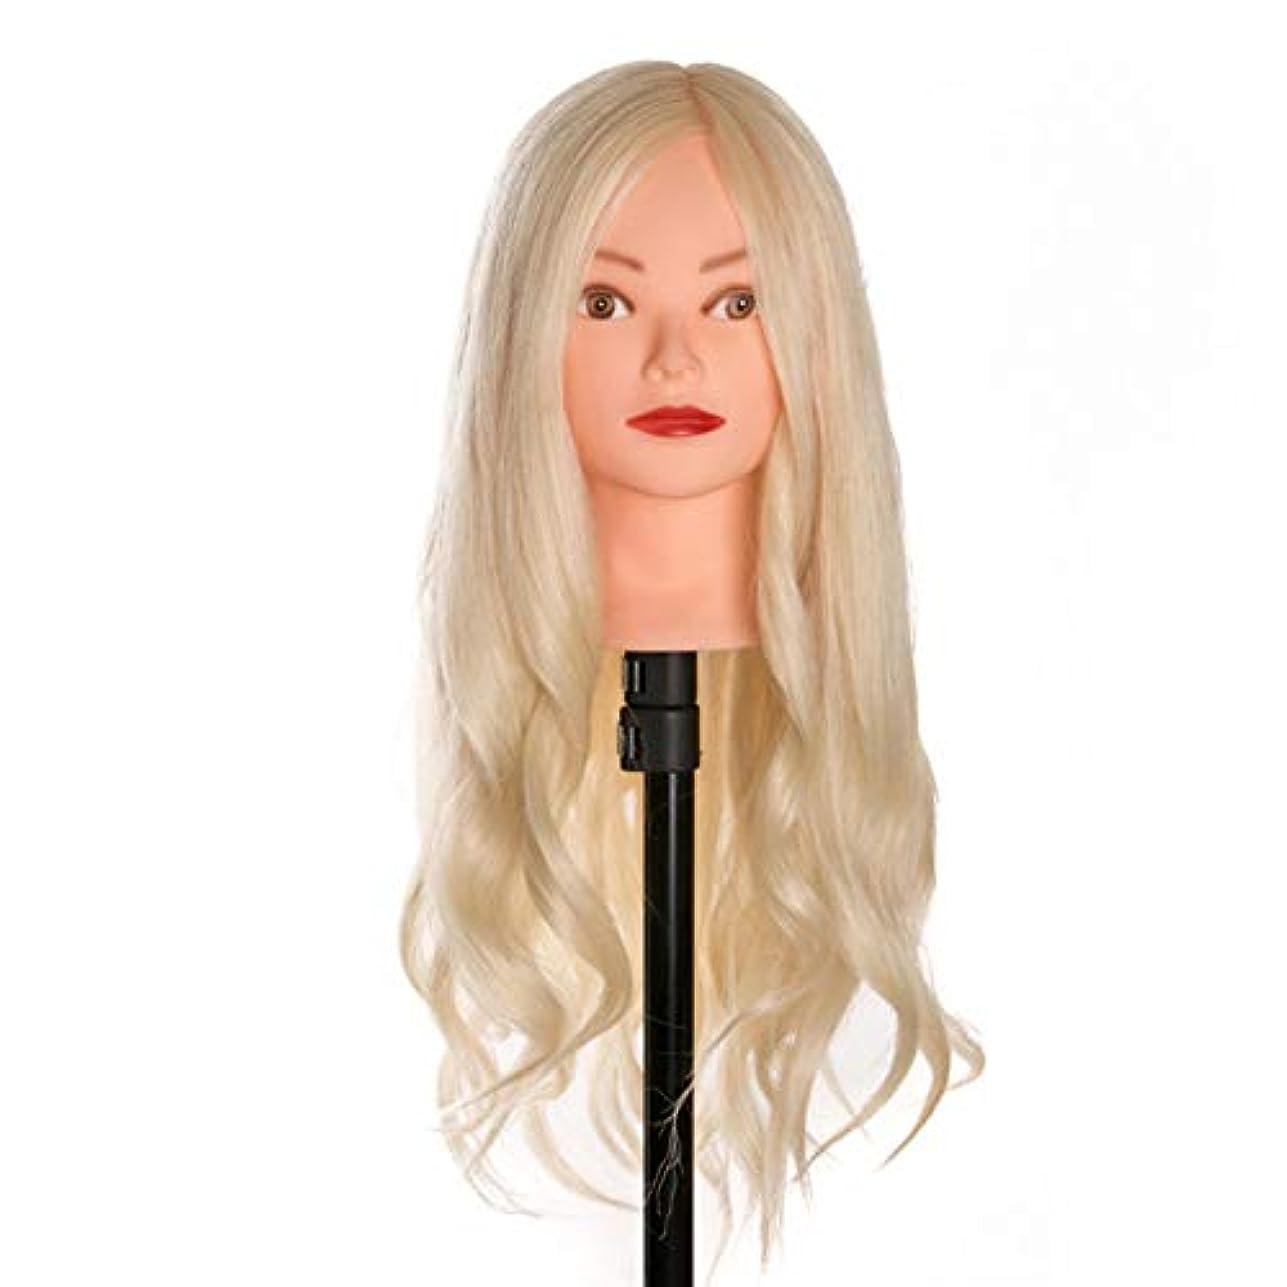 接触放置チューリップヘアカットトレーニングかつらメイクディスクヘアスタイリング編組ティーチングダミーヘッド理髪サロンエクササイズヘッド金型3個